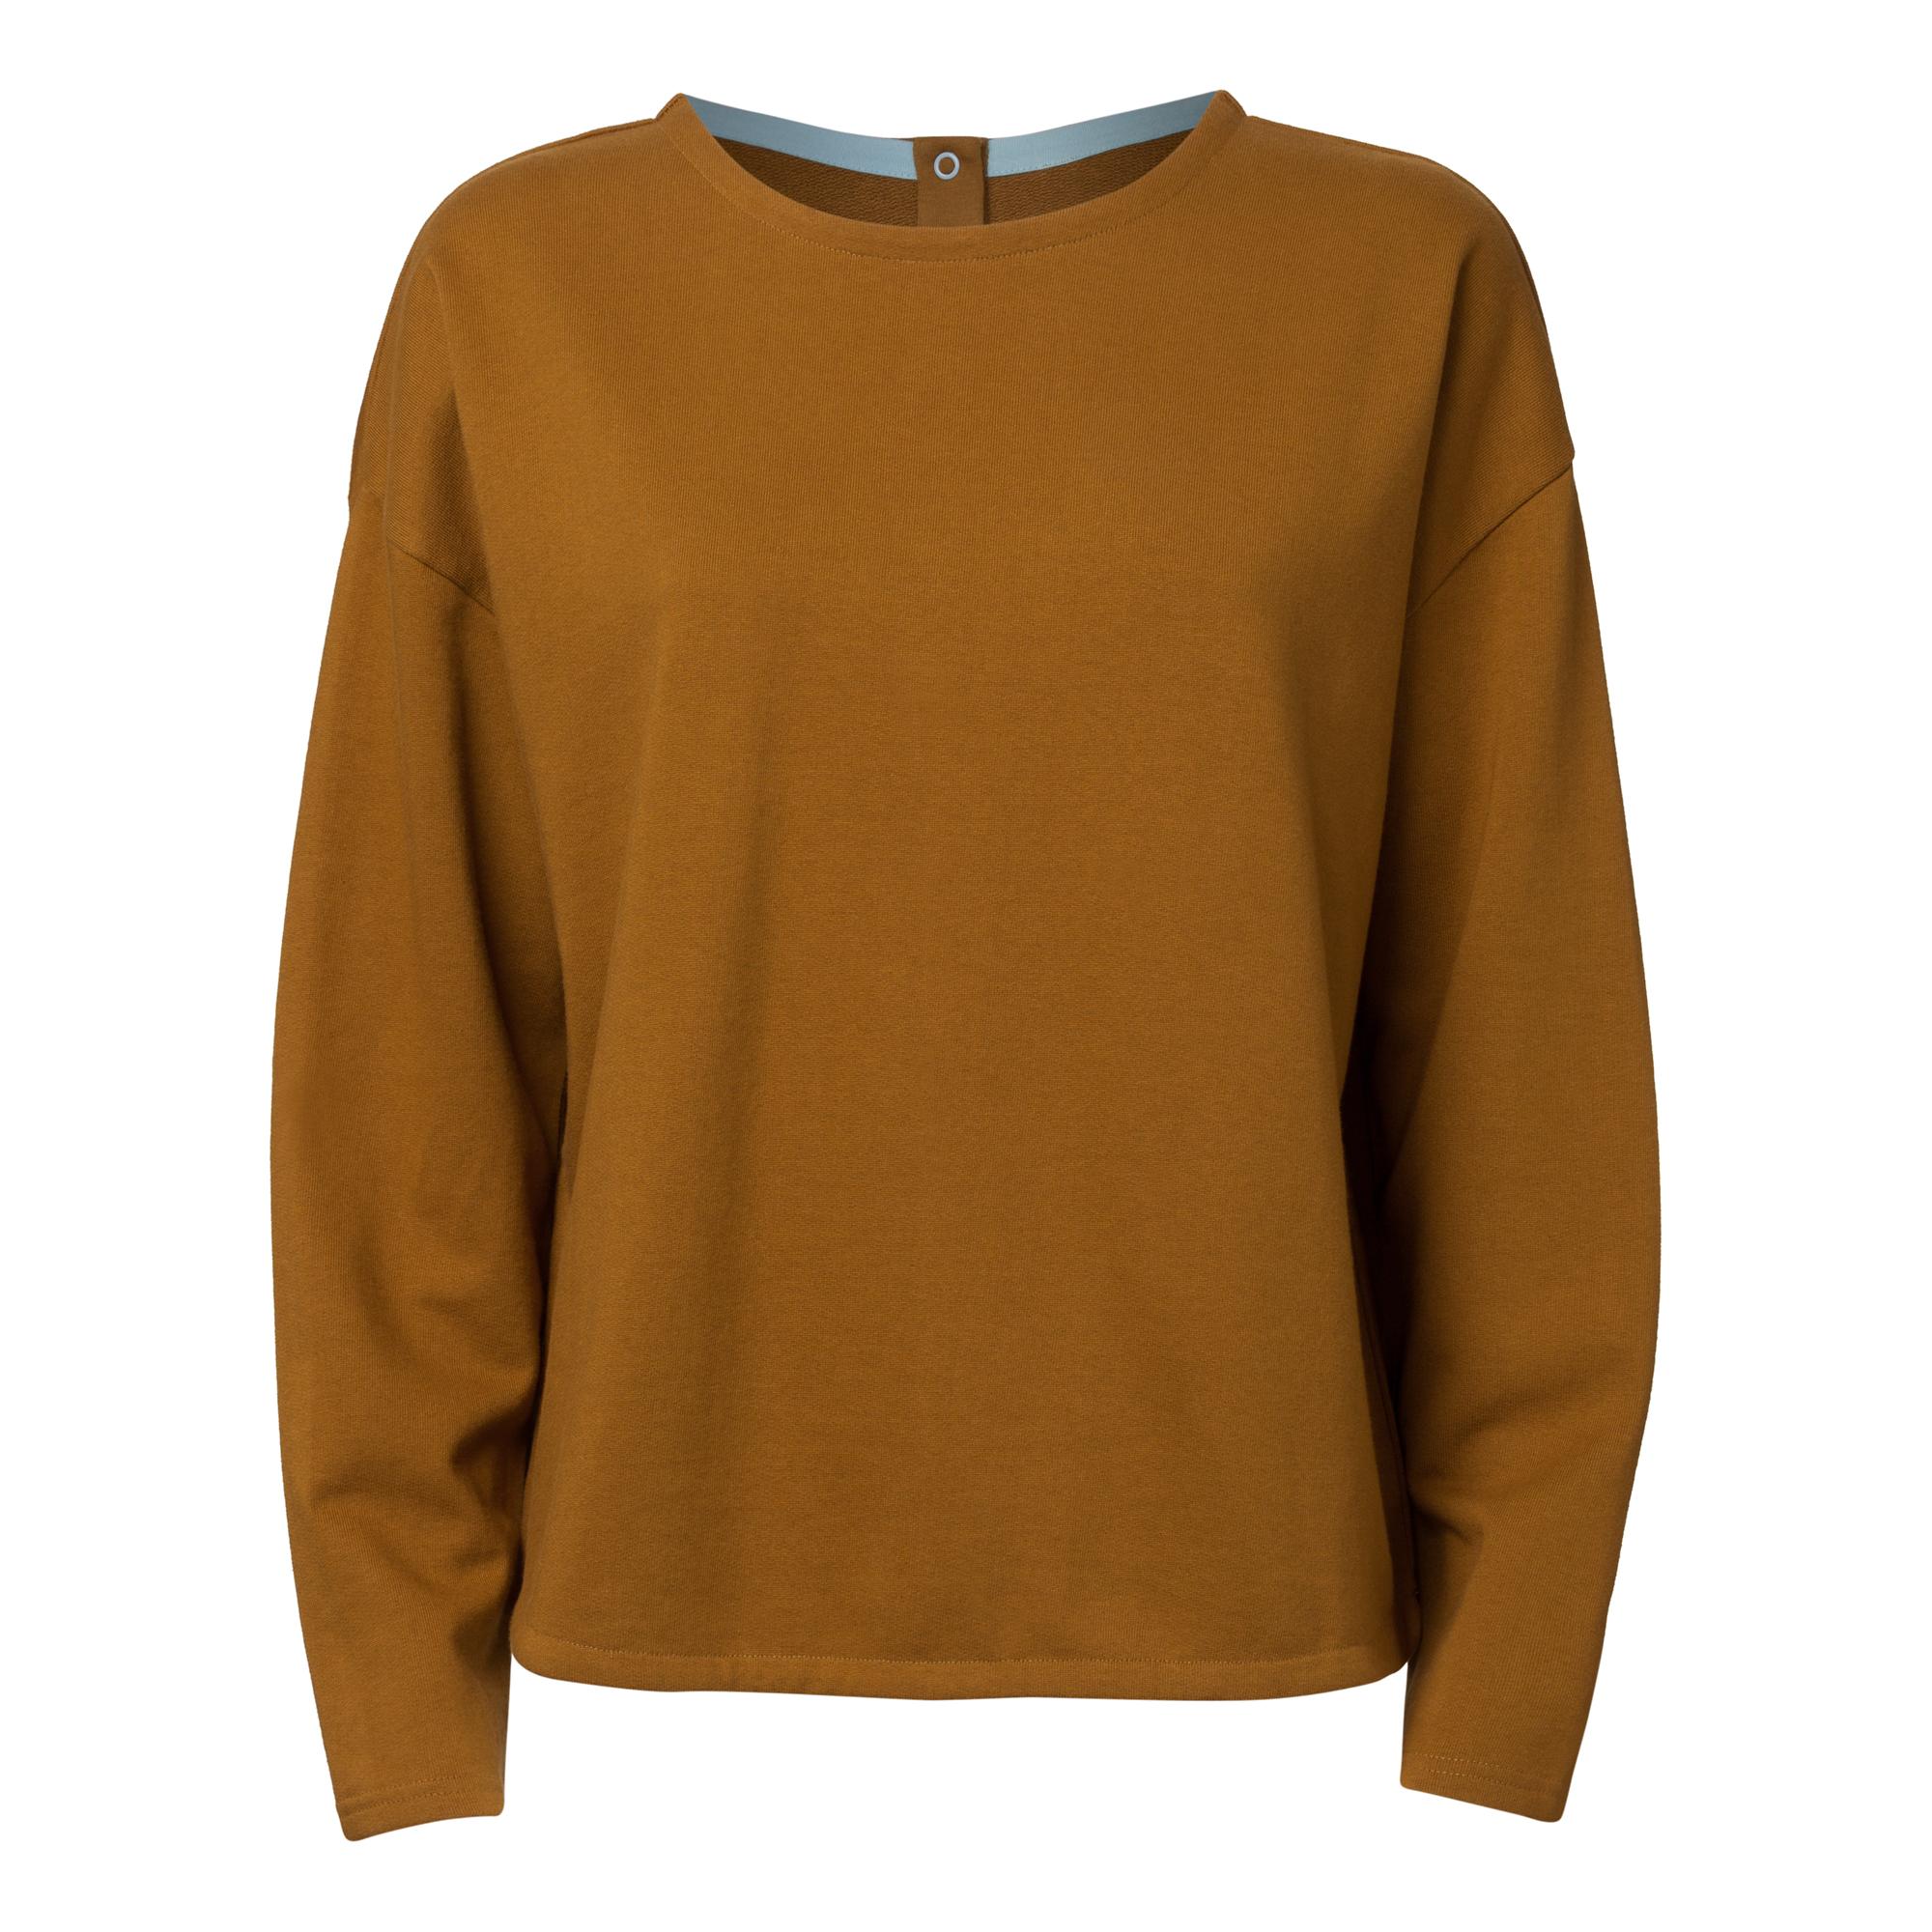 TT1035 Button Sweater Woman Brass GOTS & Fairtrade